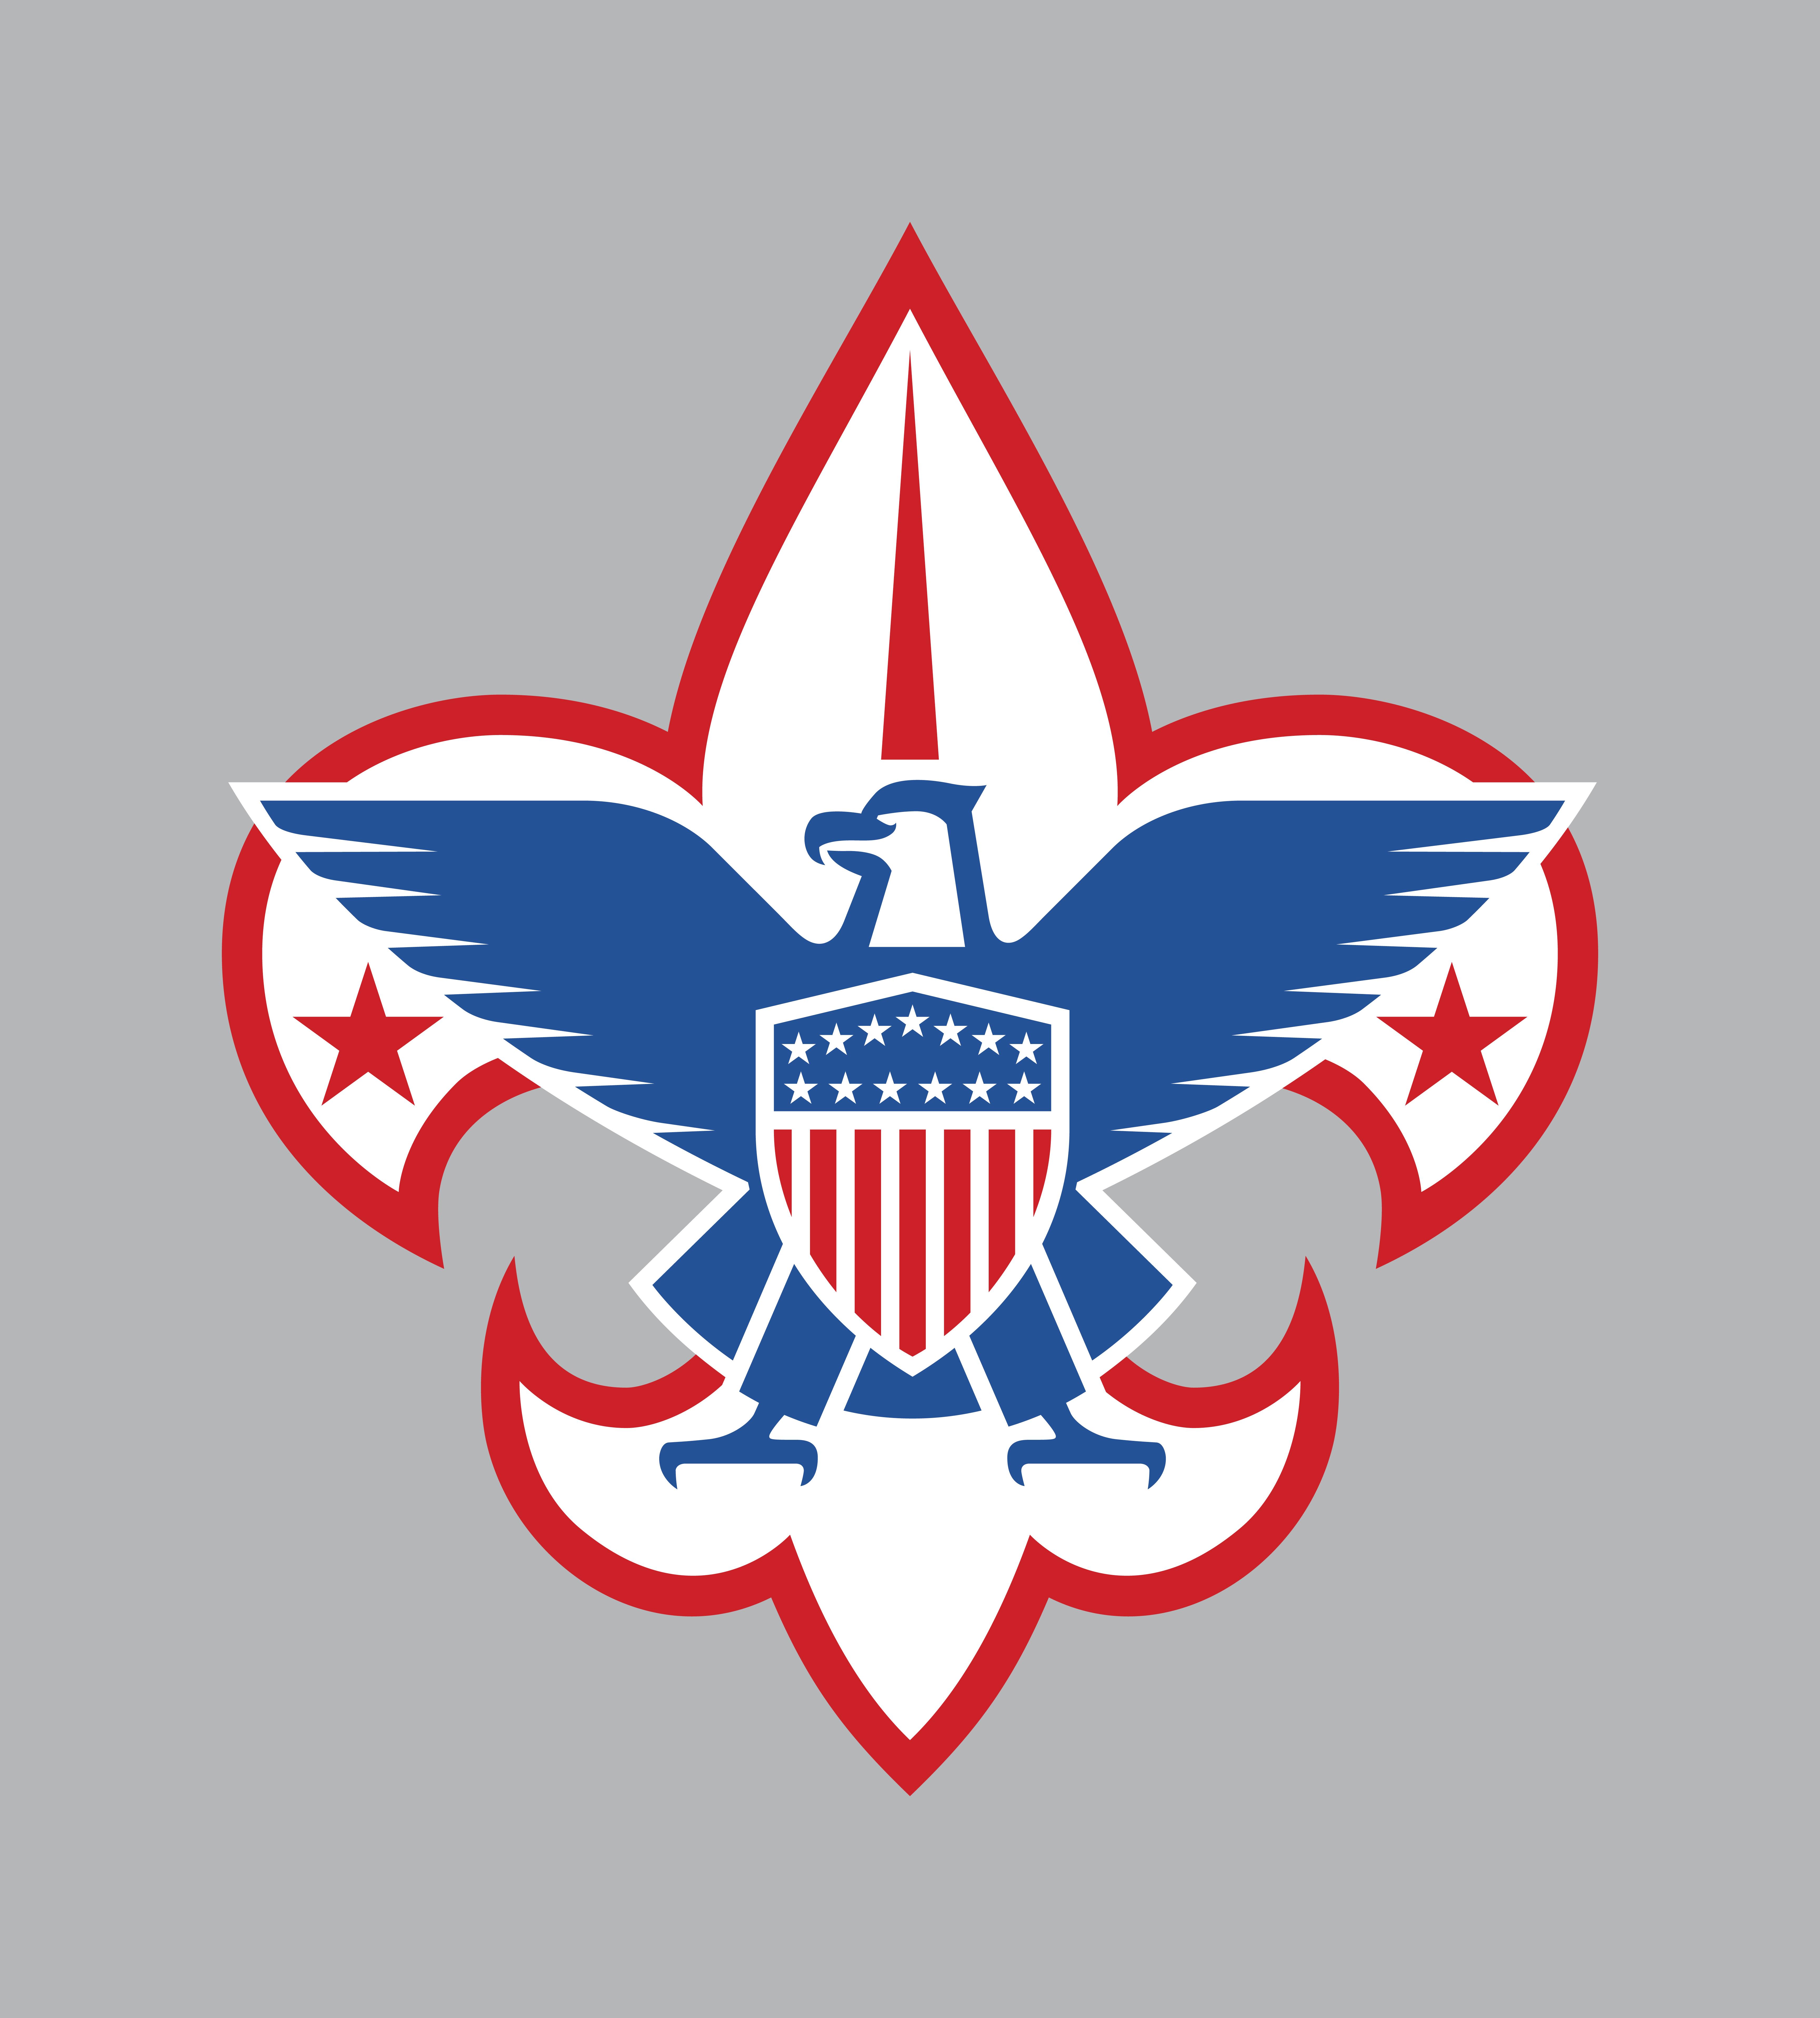 boy scout logos rh logolynx com boy scout logo eps boy scout logo stickers